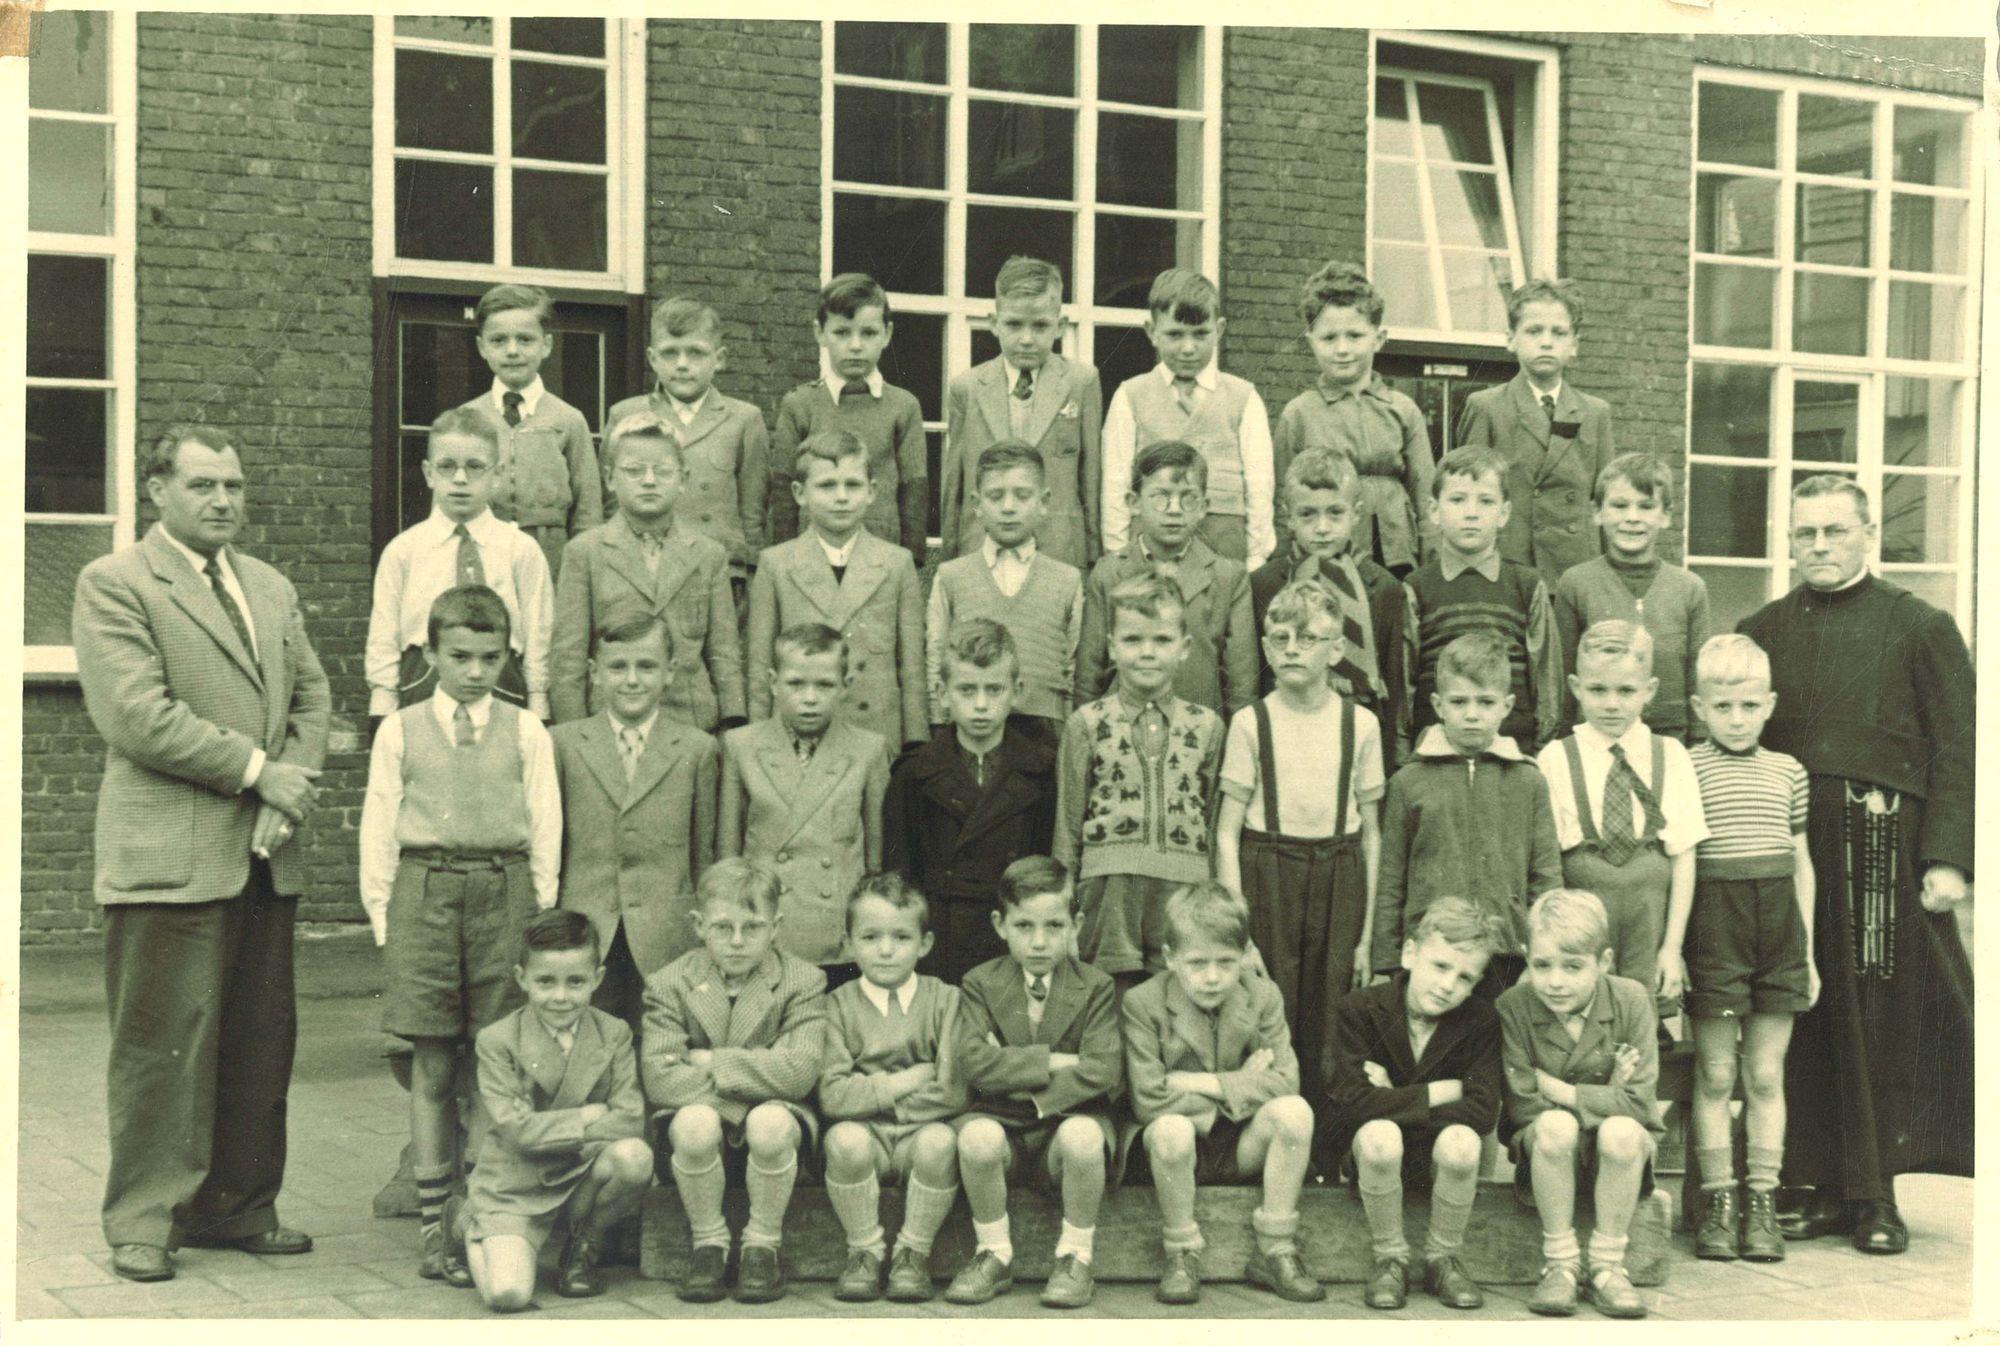 Broederschool Overleie, Klasfoto